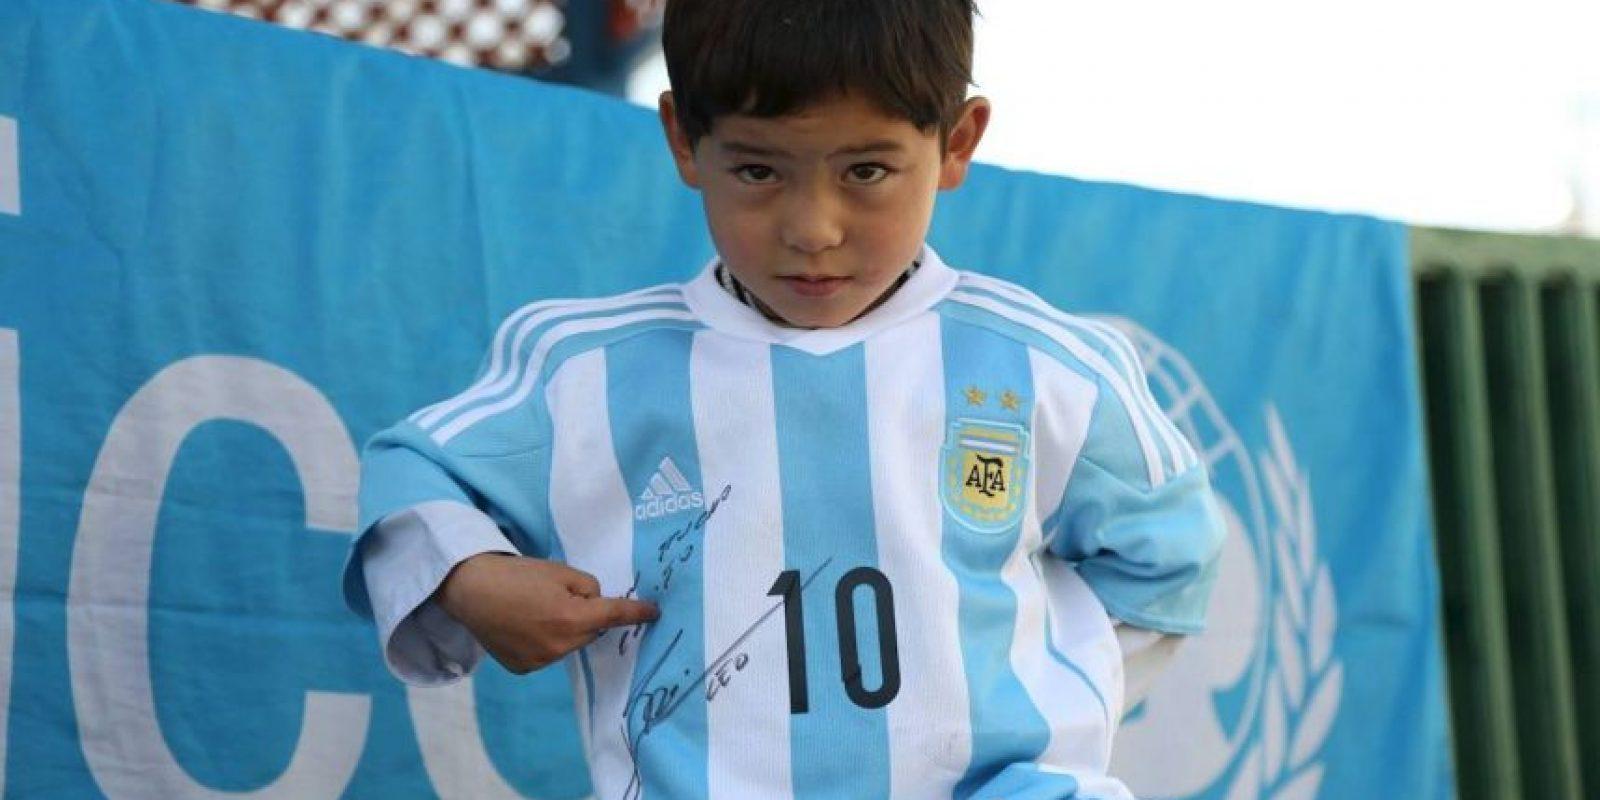 Ahora tiene orgulloso una camiseta autografiada por el astro Foto:facebook.com/afghanistanunicef/